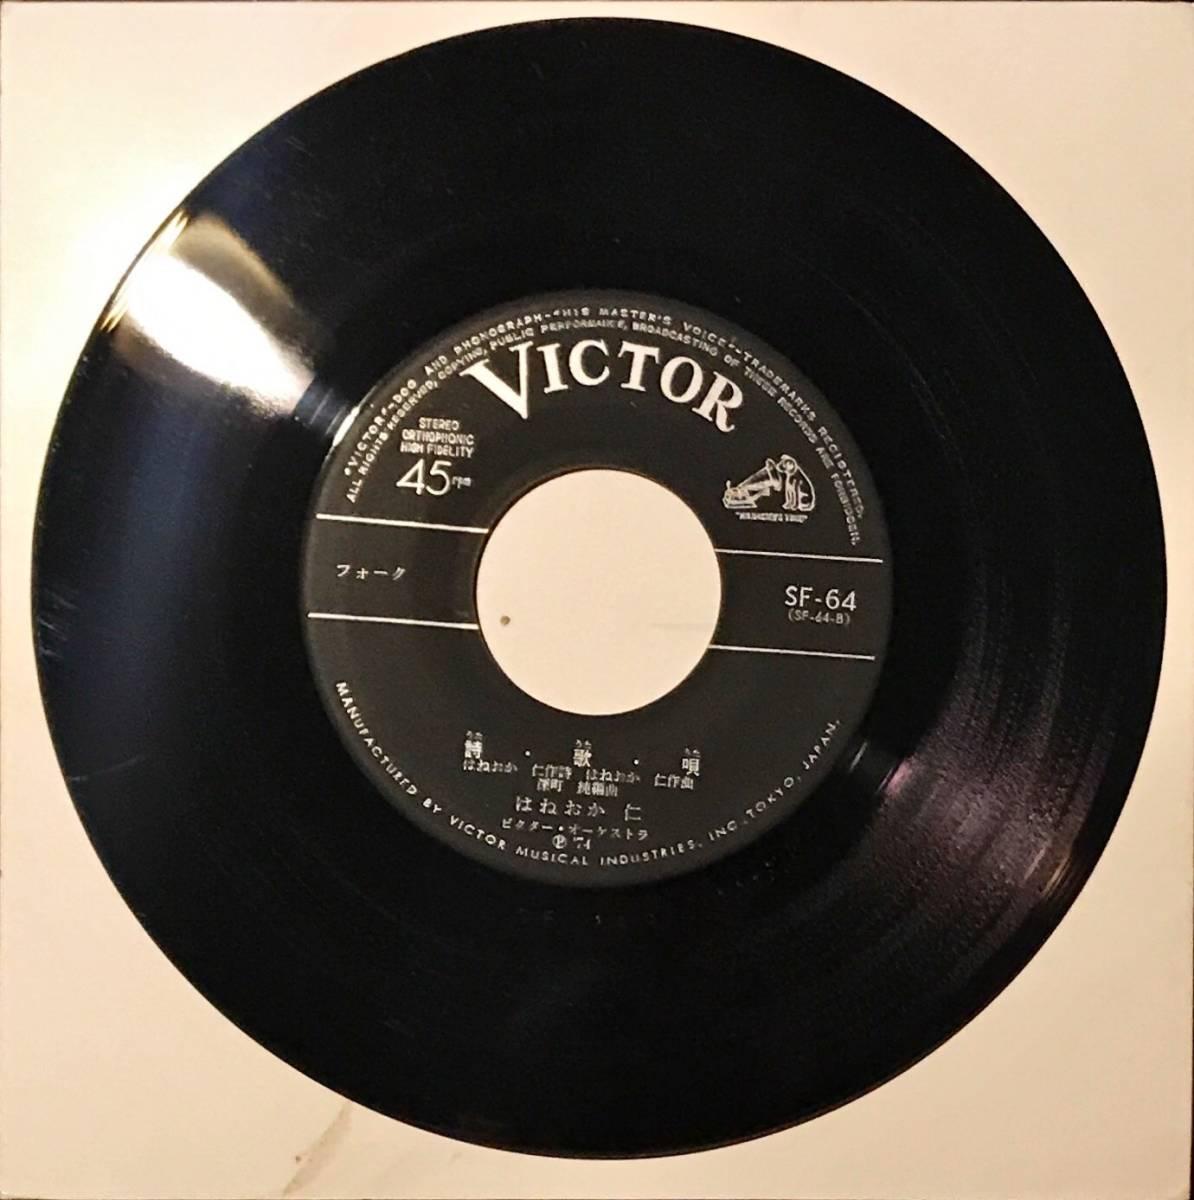 [試聴]和モノ メロウFOLK はねおか仁 // 別れの前に / 詩・歌・唄 ディープ歌謡 [EP]深町純フォークB級マイナー盤レコードmellow 7inch_画像5